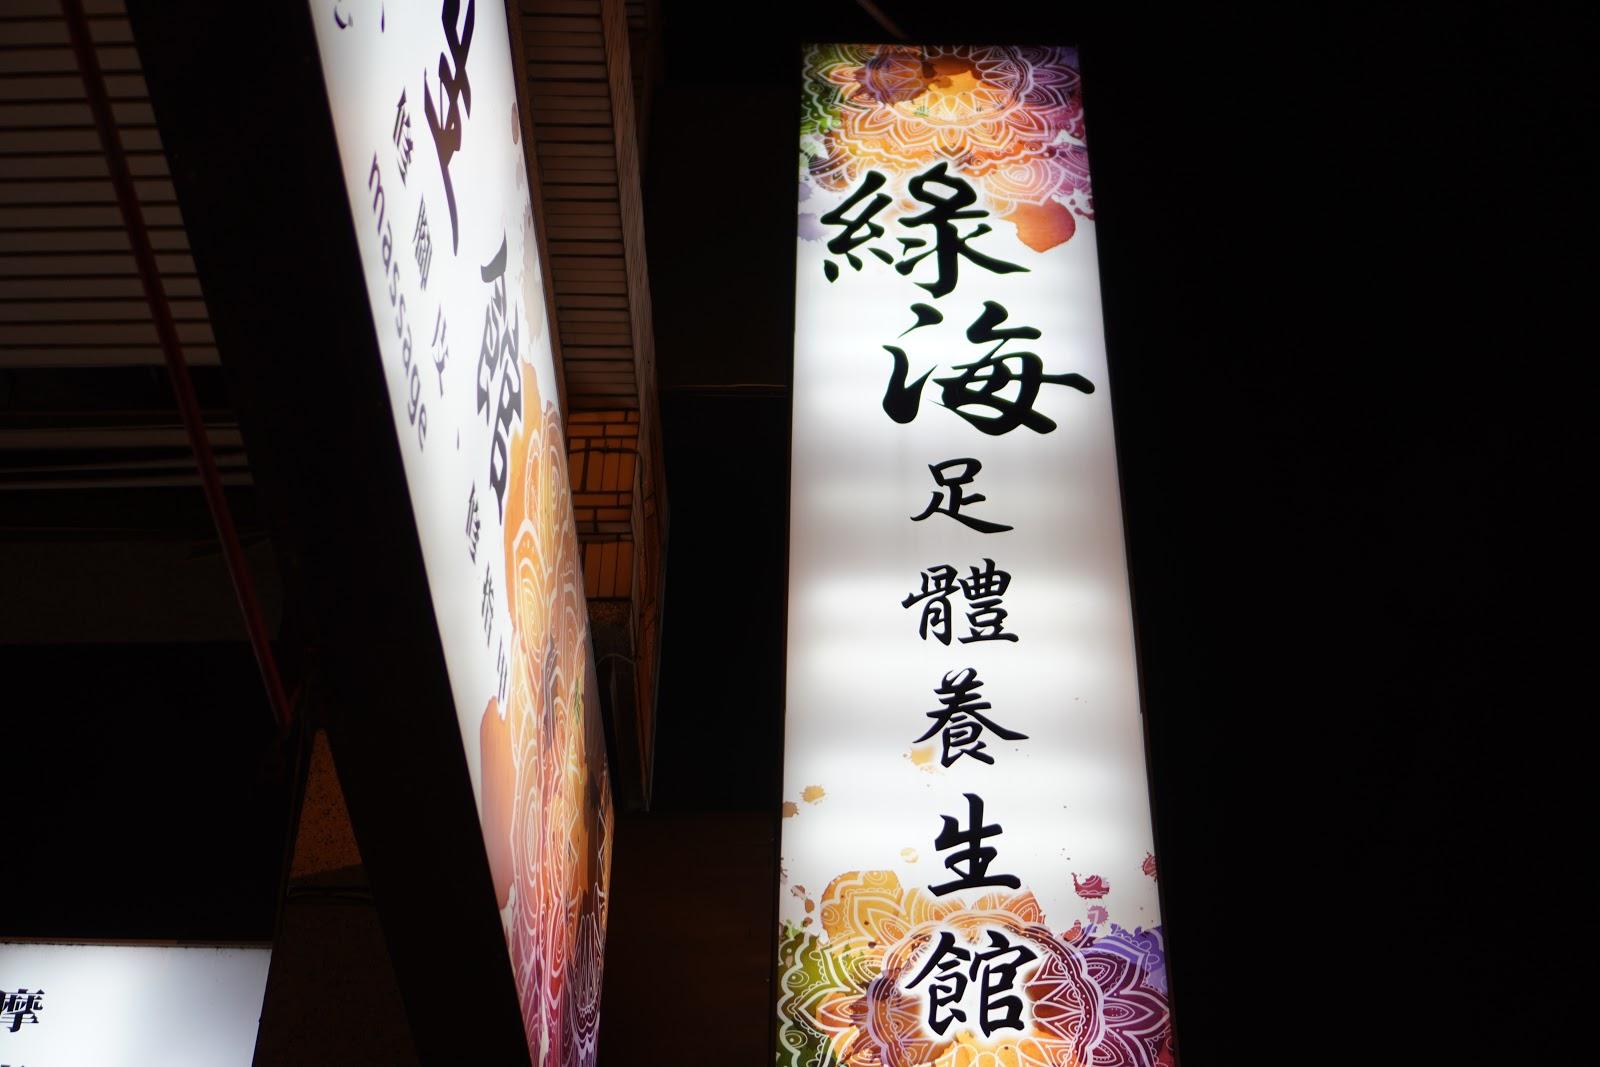 台南中西區按摩【綠海足體養生館】店家招牌